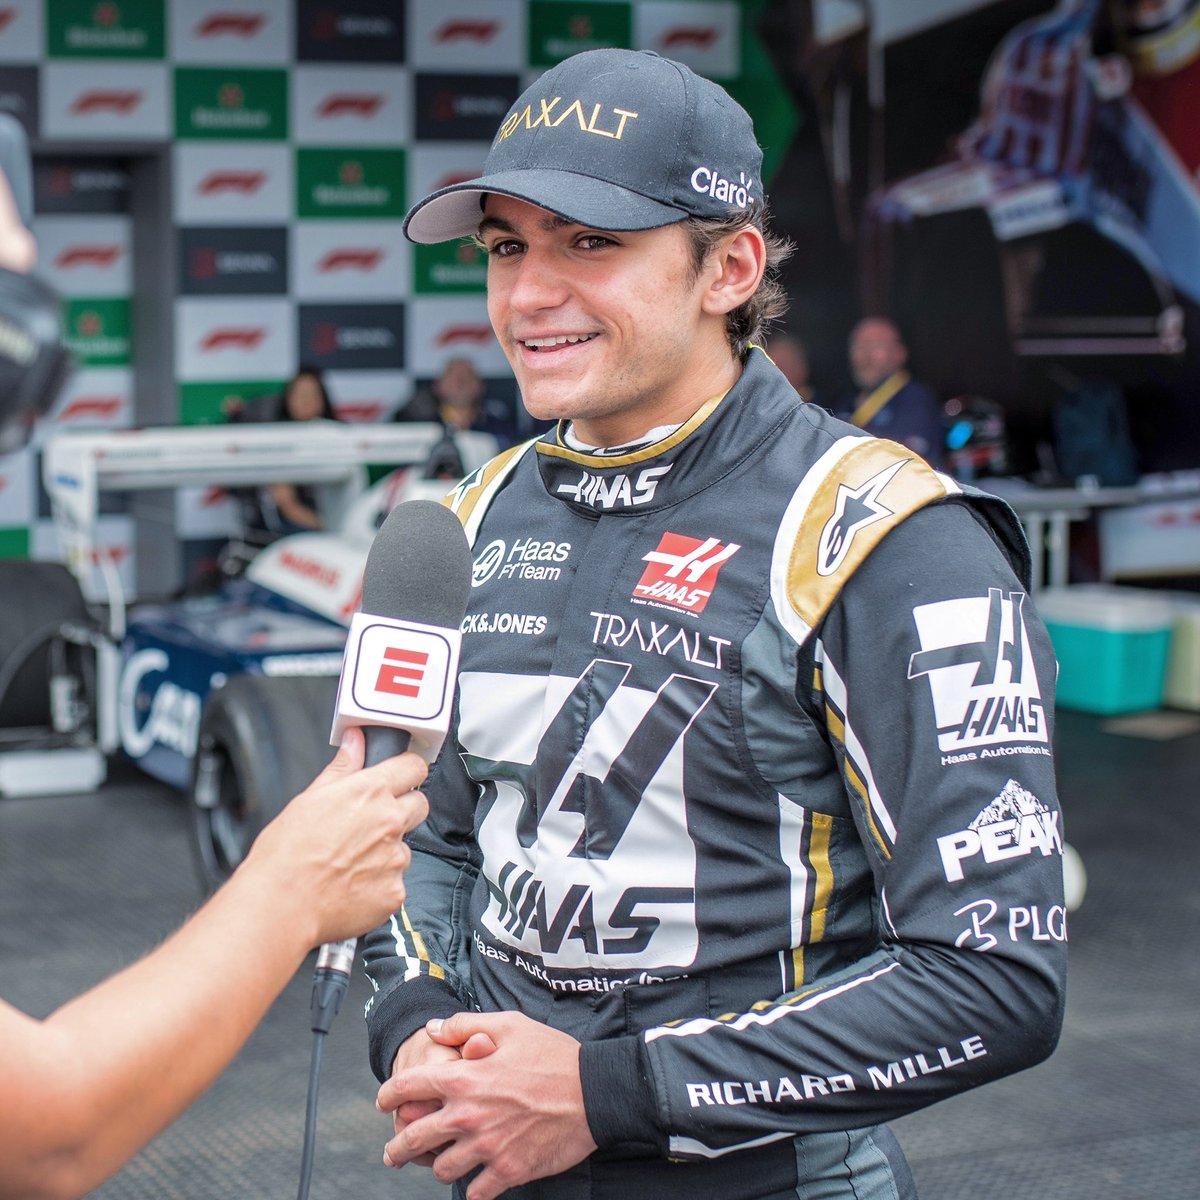 🇬🇧Really proud to announce I will be racing for B-Max/Motopark Racing in the 2020 Super Formula season!!! 🇧🇷Estou muito feliz em anunciar que vou correr com a B-Max/Motopark na Super Formula em 2020! Muito obrigado aos meus patrocinadores e a equipe por essa grande oportunidade!